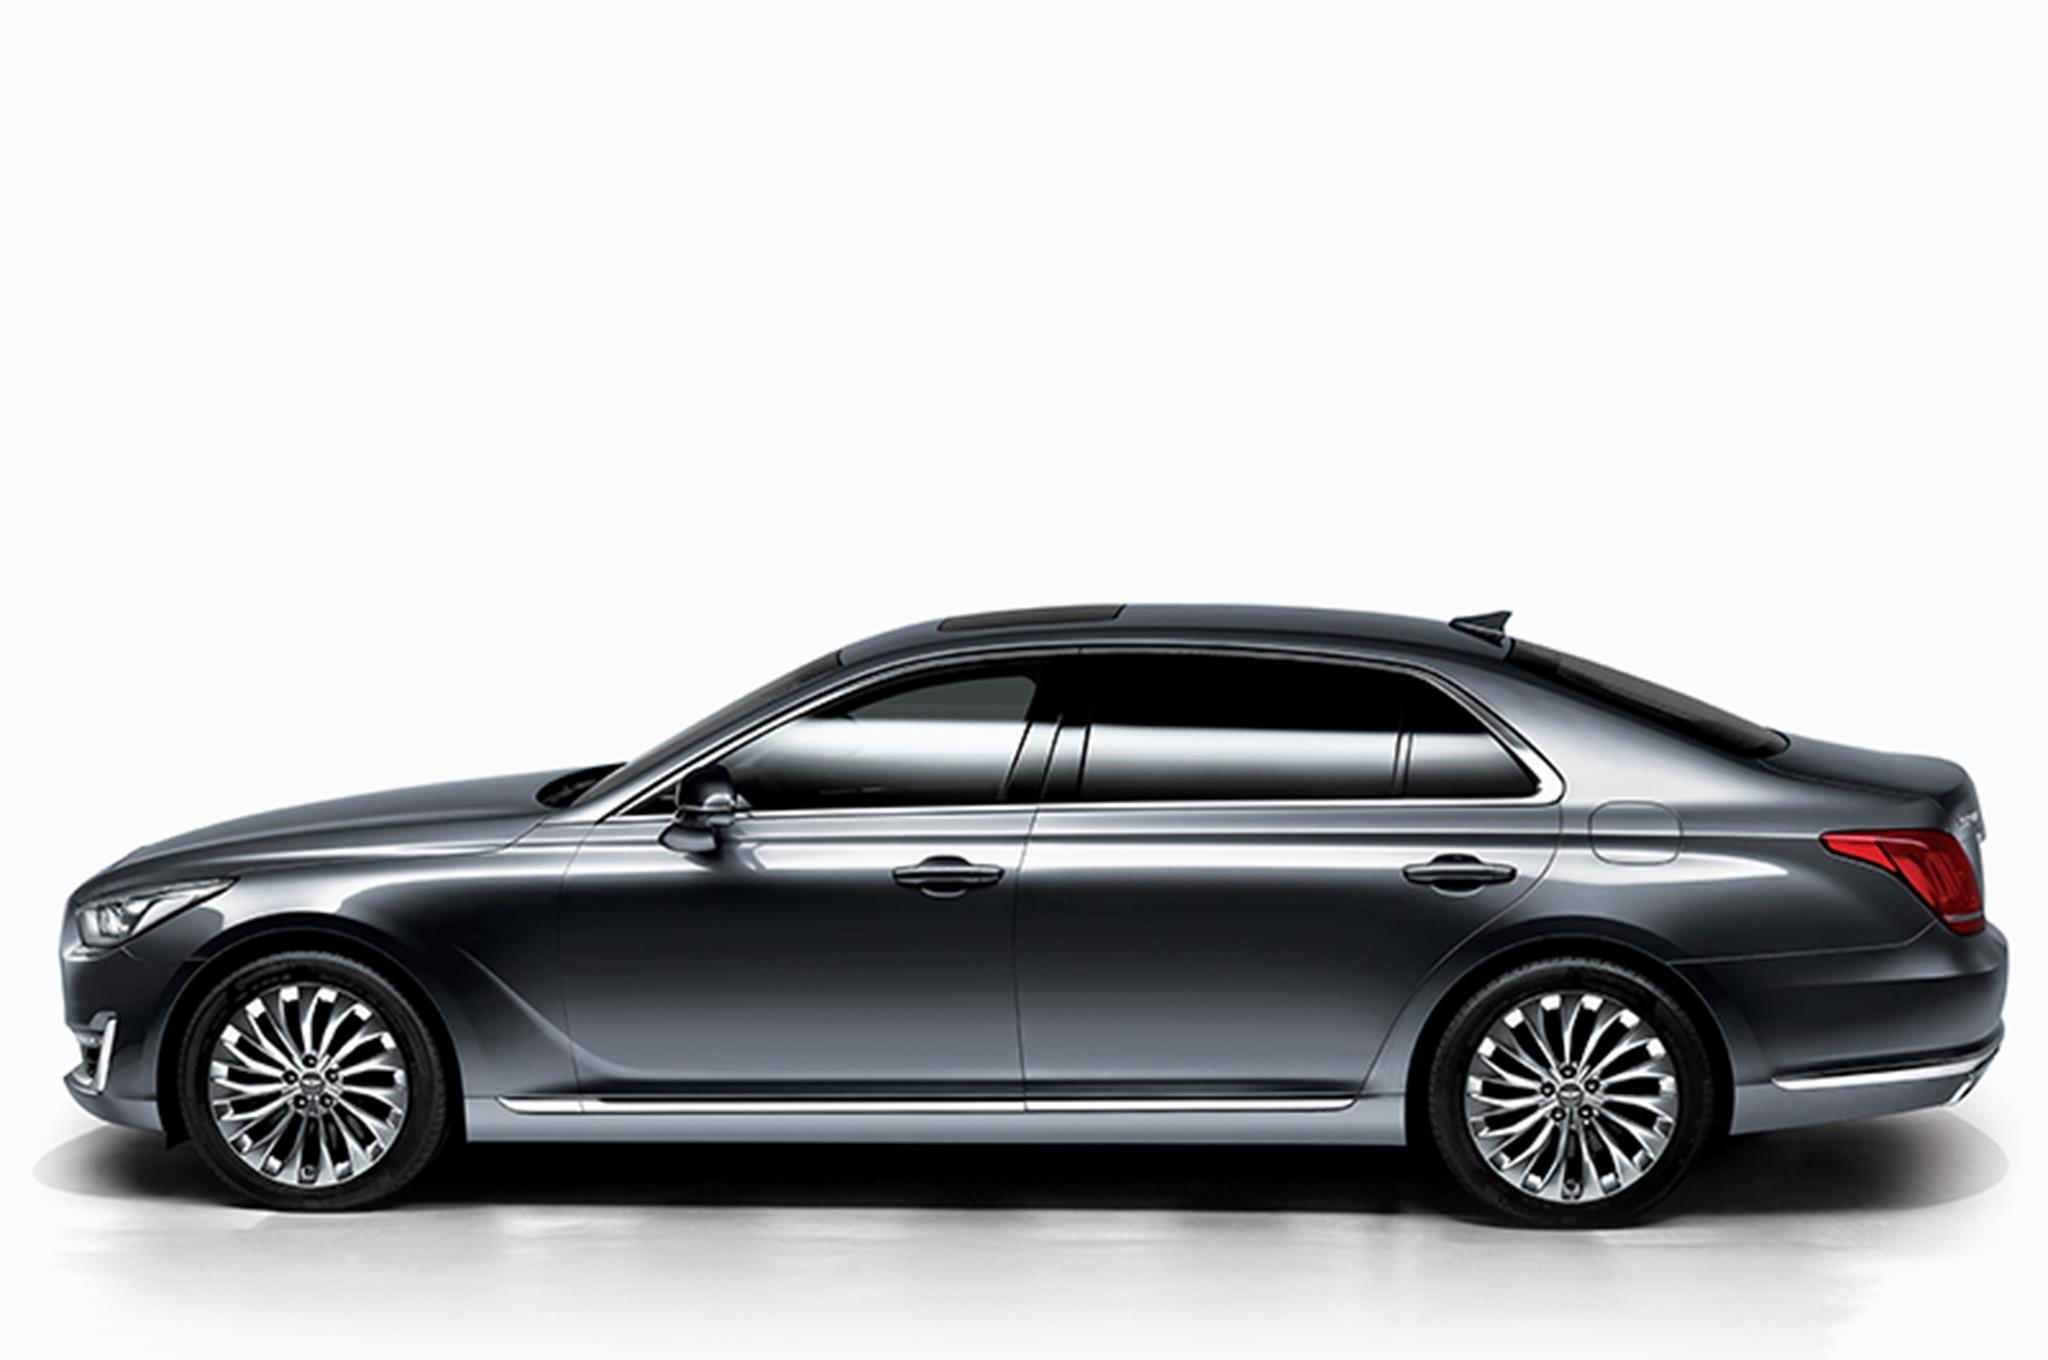 2017 Genesis G90 Luxury Sedan Revealed To Take On S Cl 7 Series